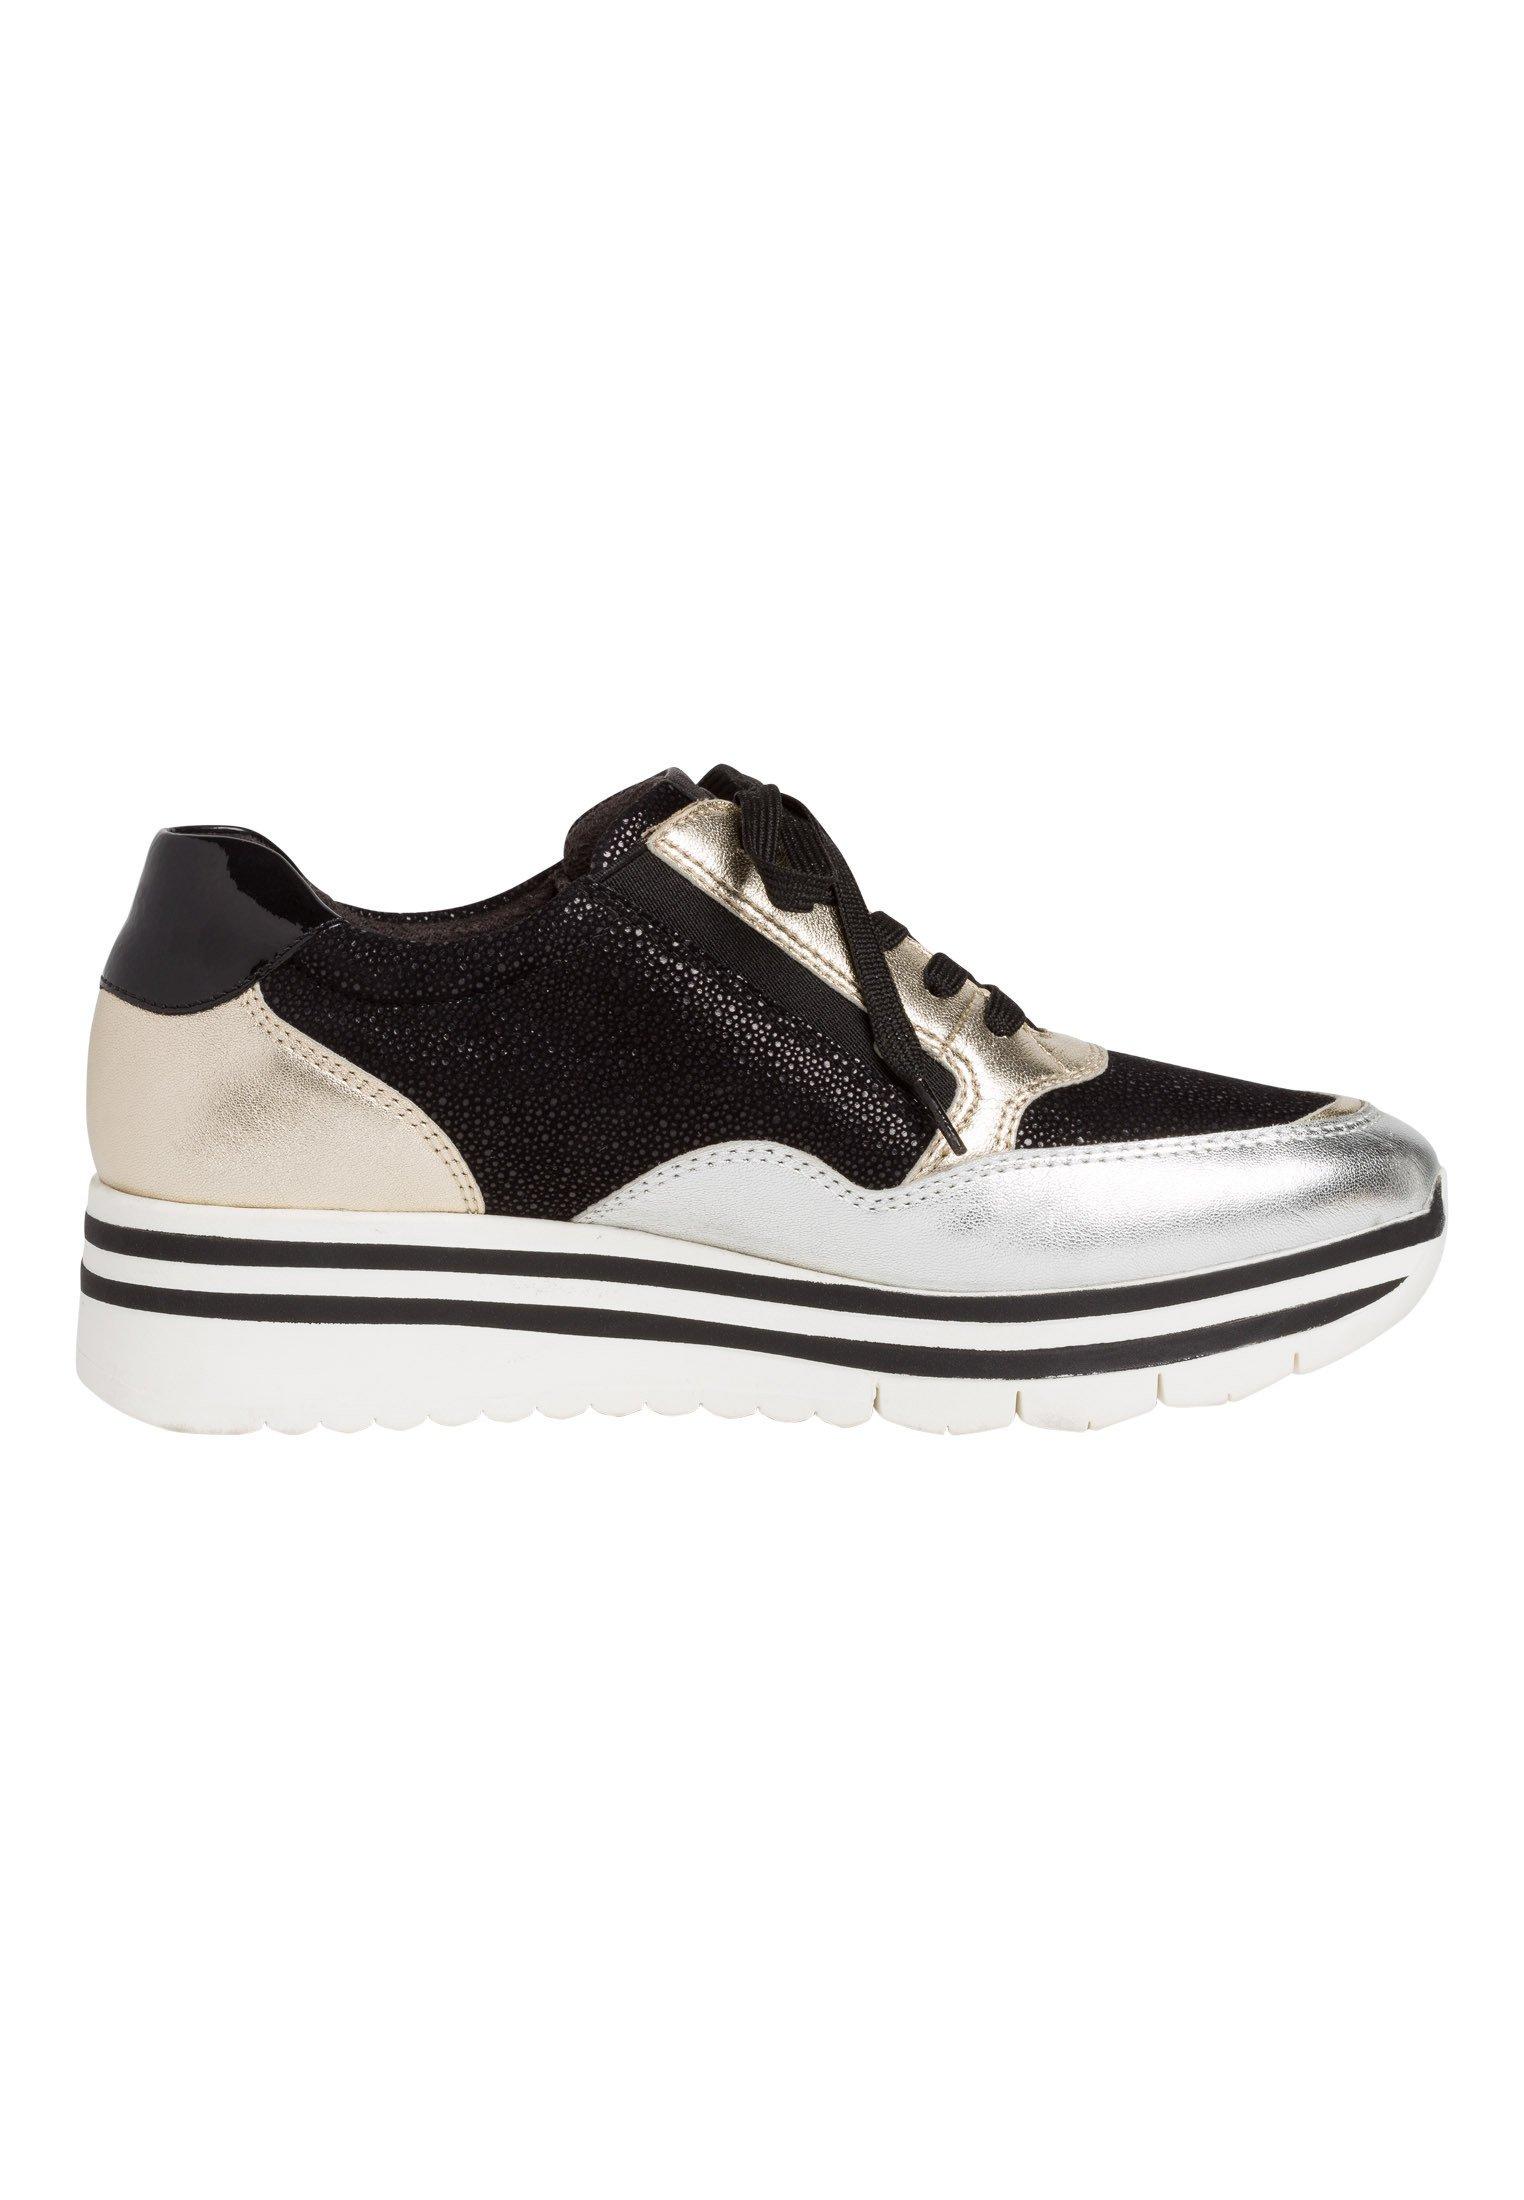 Tamaris Sneaker - Sneakers Black